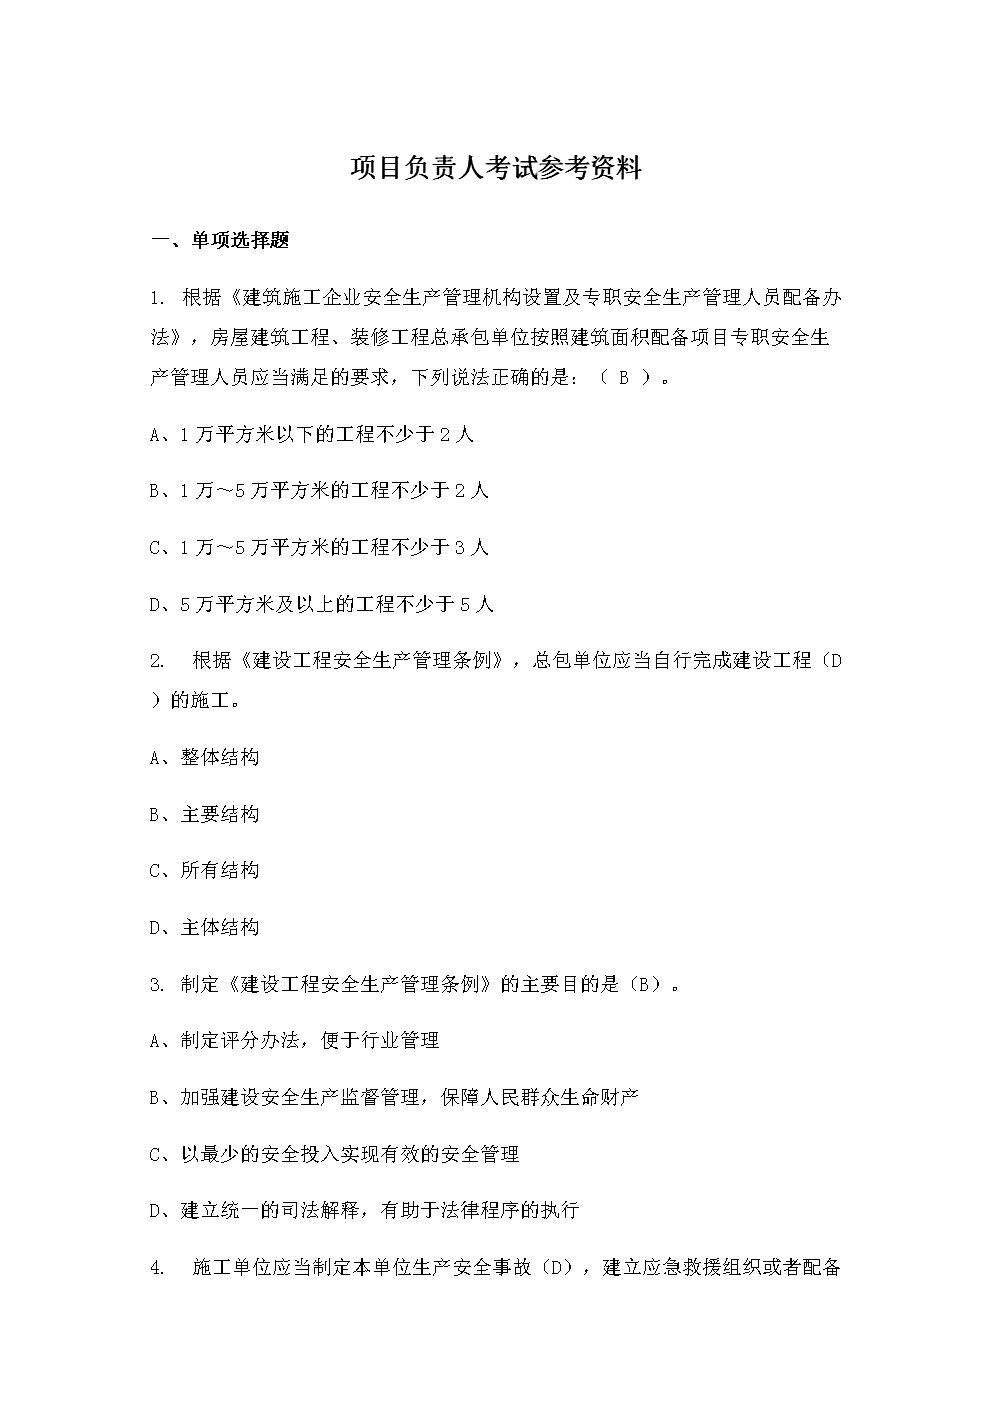 2019四川三類人員考試-項目負責人考試參考資料.docx